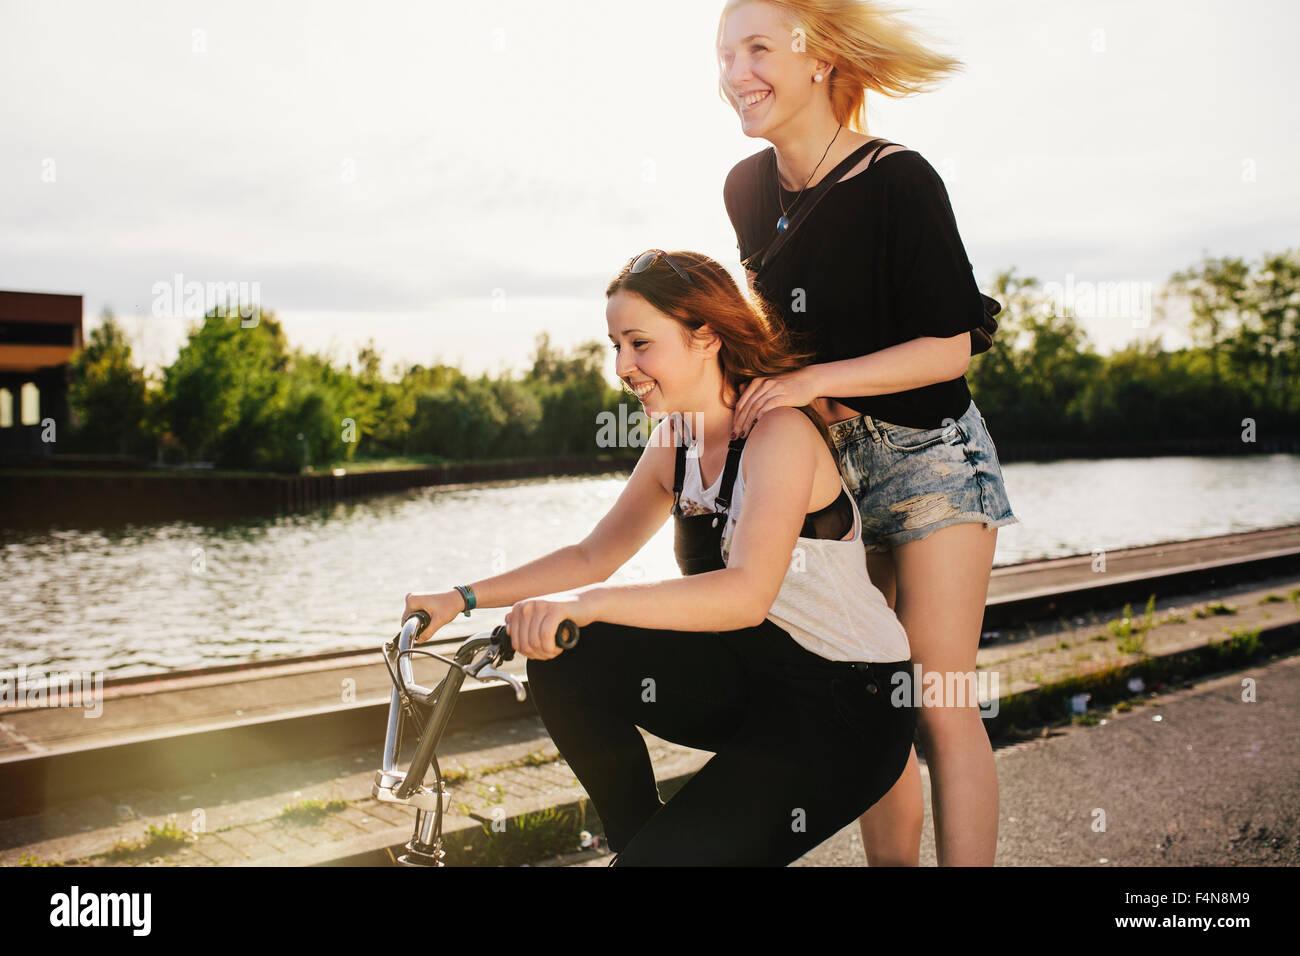 Dos amigos montando bicicleta BMX juntos Imagen De Stock